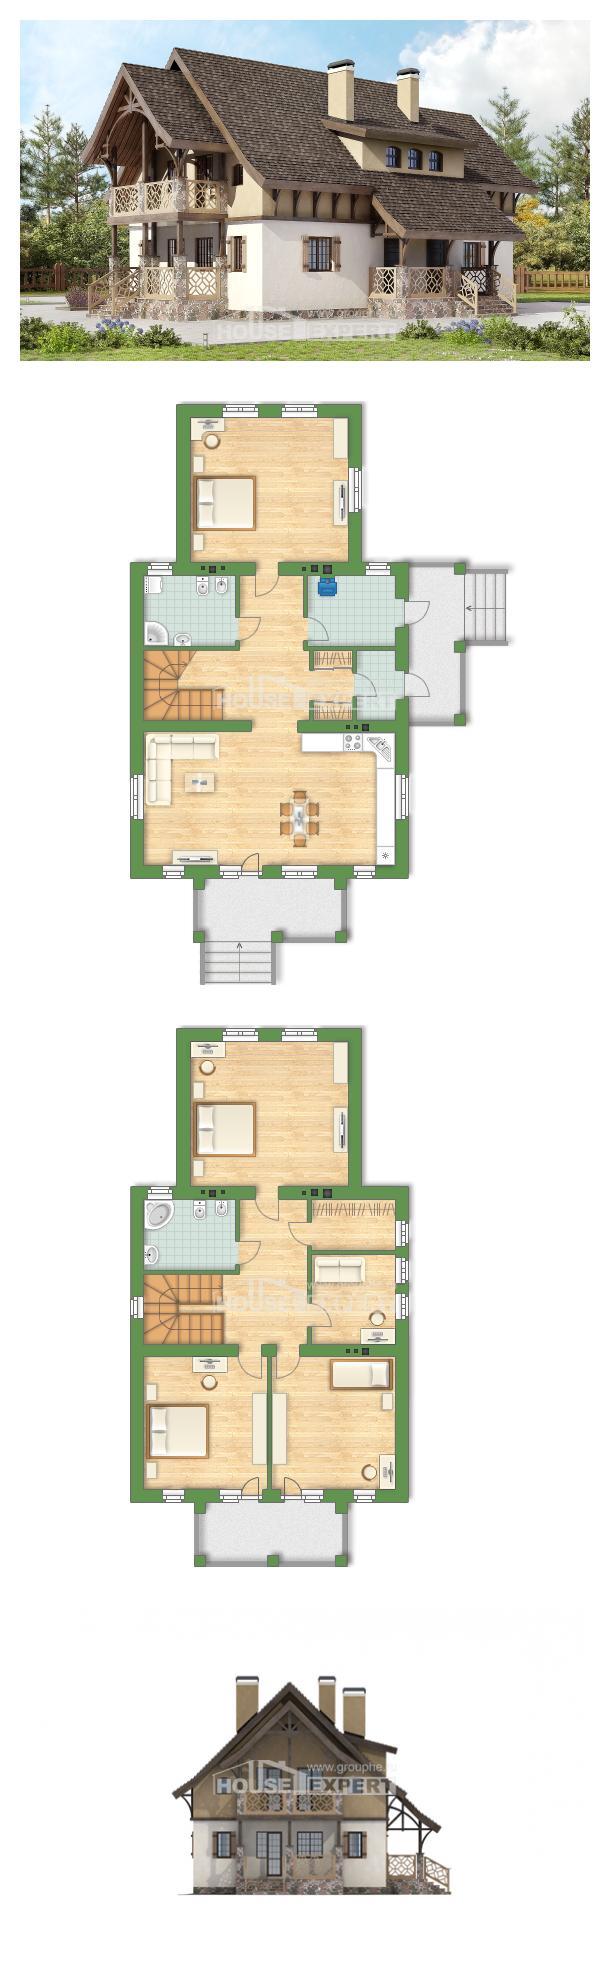 Plan 180-014-L | House Expert